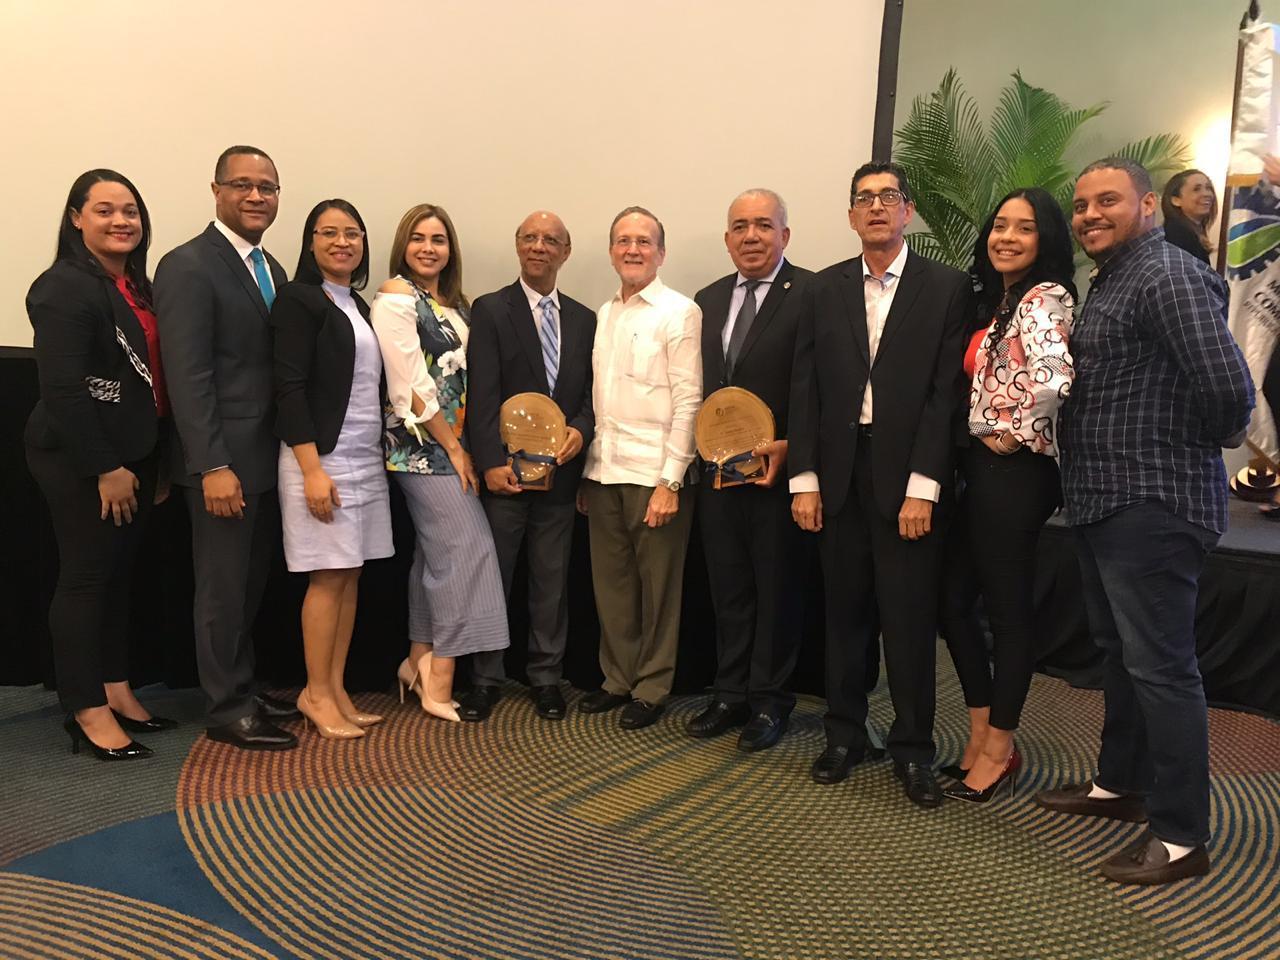 Cámara de Comercio de Puerto Plata recibe reconocimiento durante